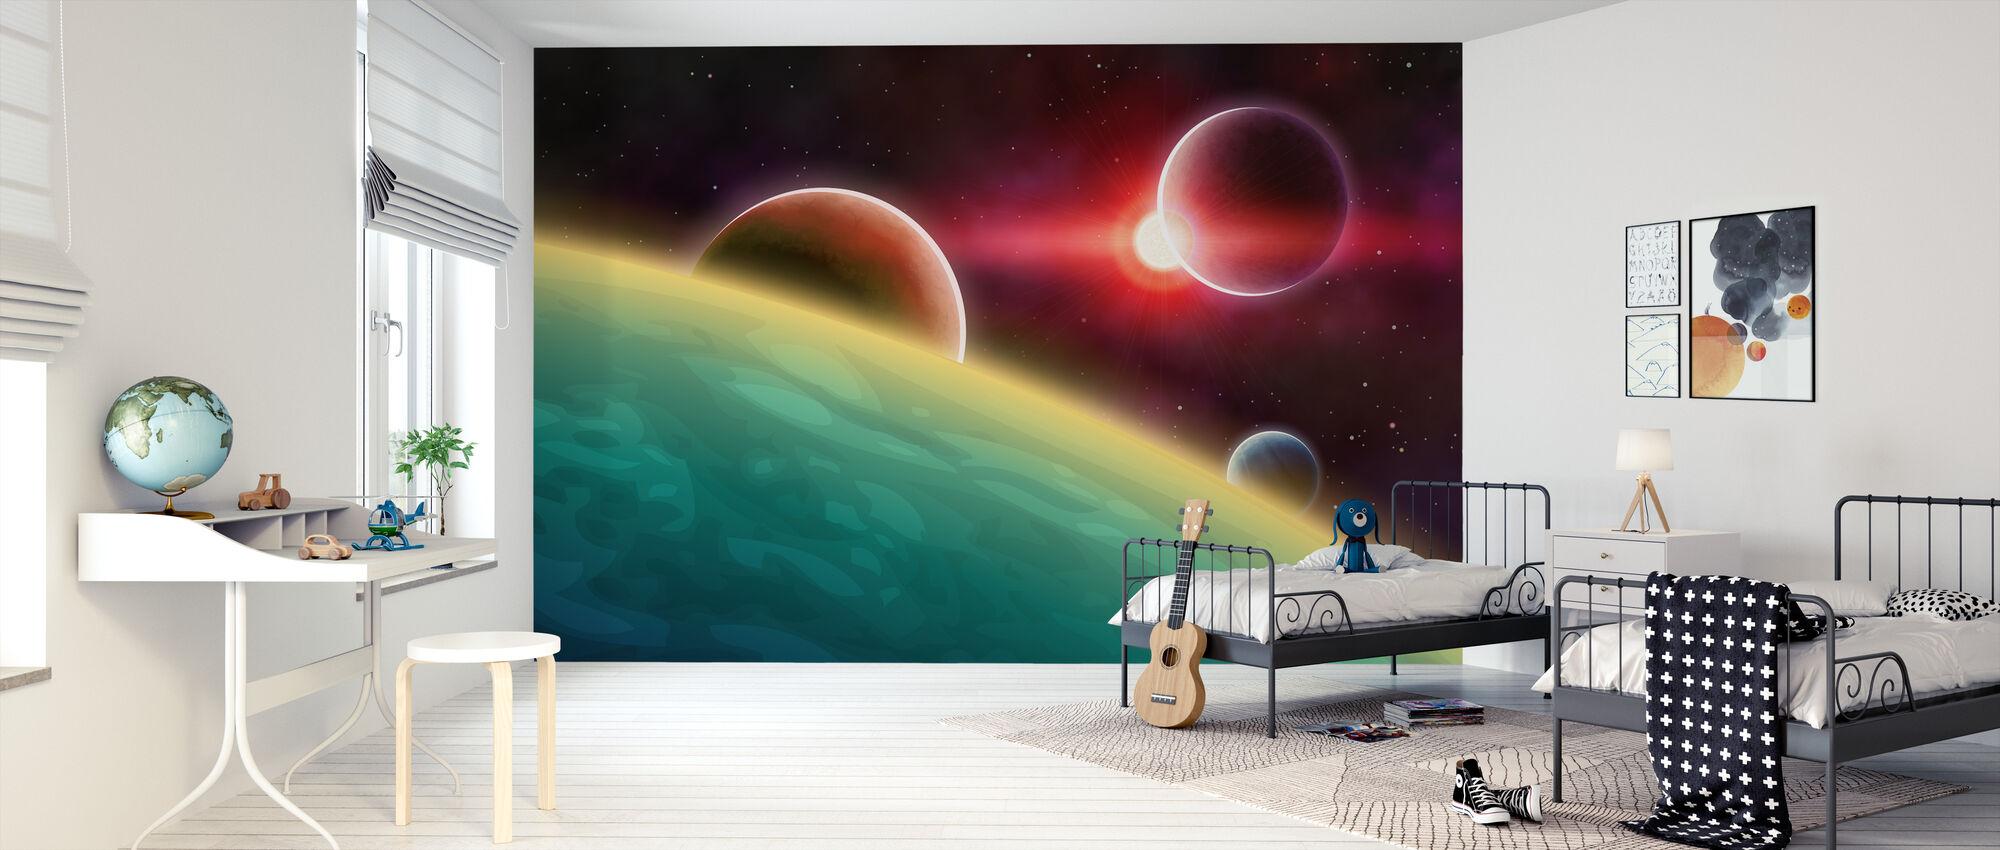 Ydre rum - Tapet - Børneværelse